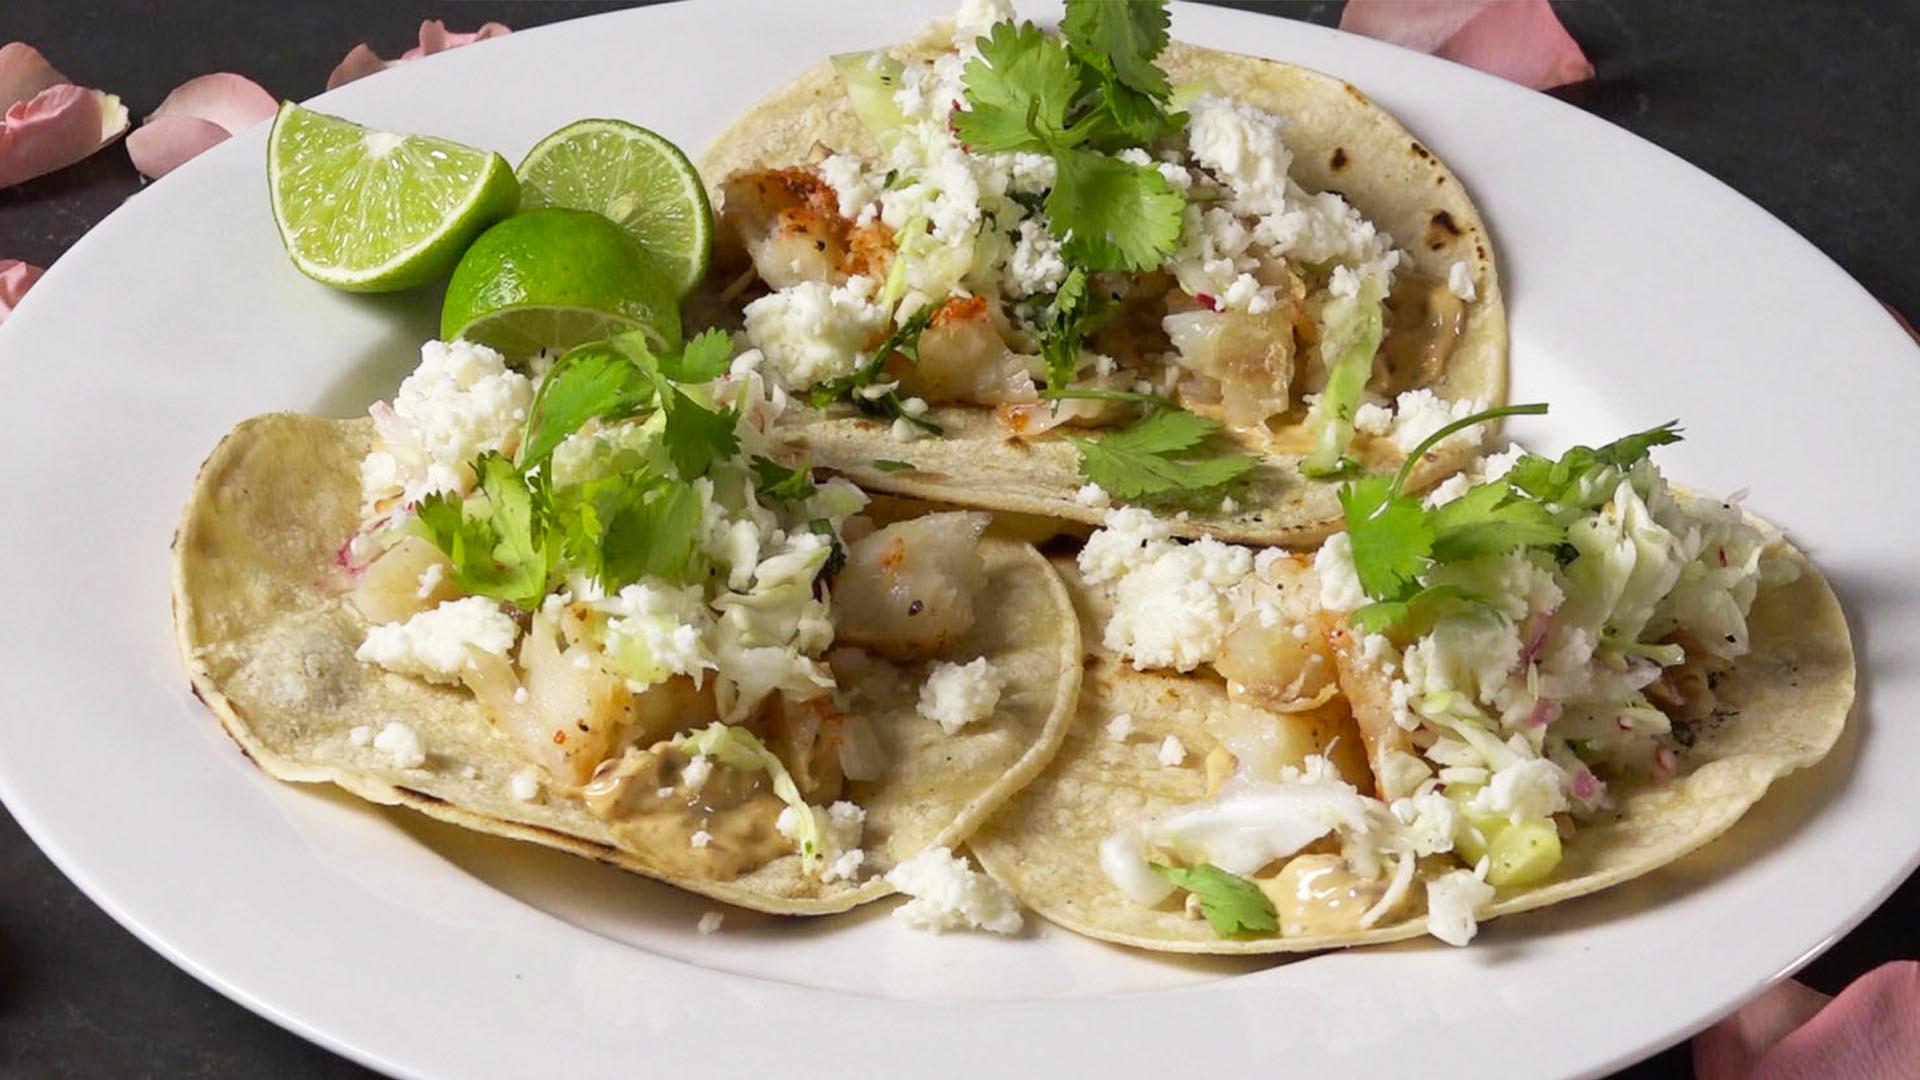 miroslava's-chipotle-tacos-de-pescado2.jpg